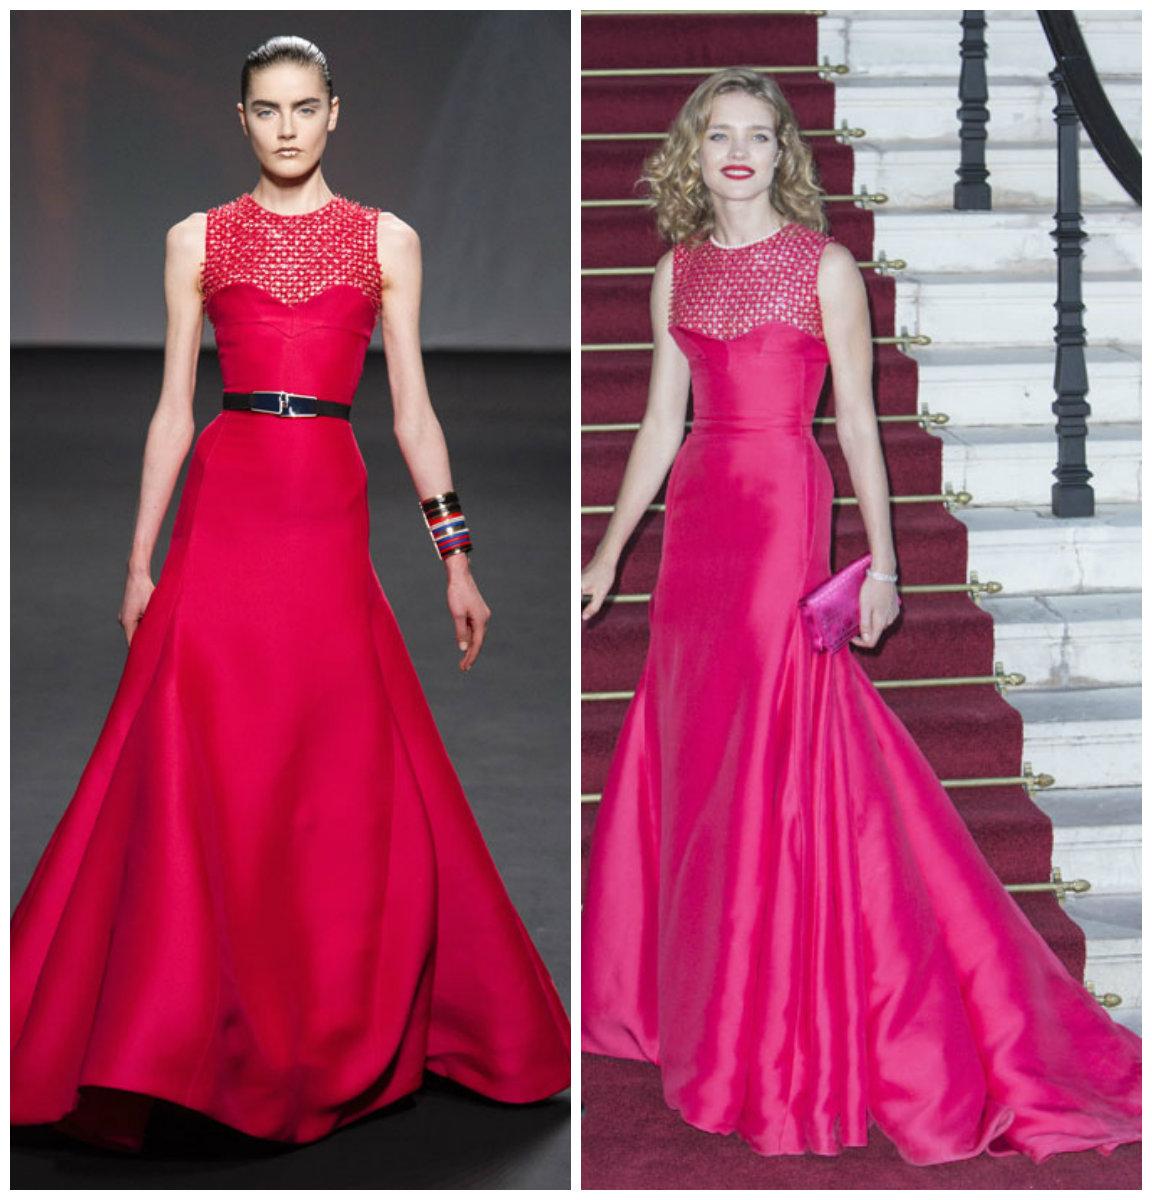 Natalia Vodianova en robe de soirée dans la collection haute couture automne-hiver 2013-2014 de Christian Dior